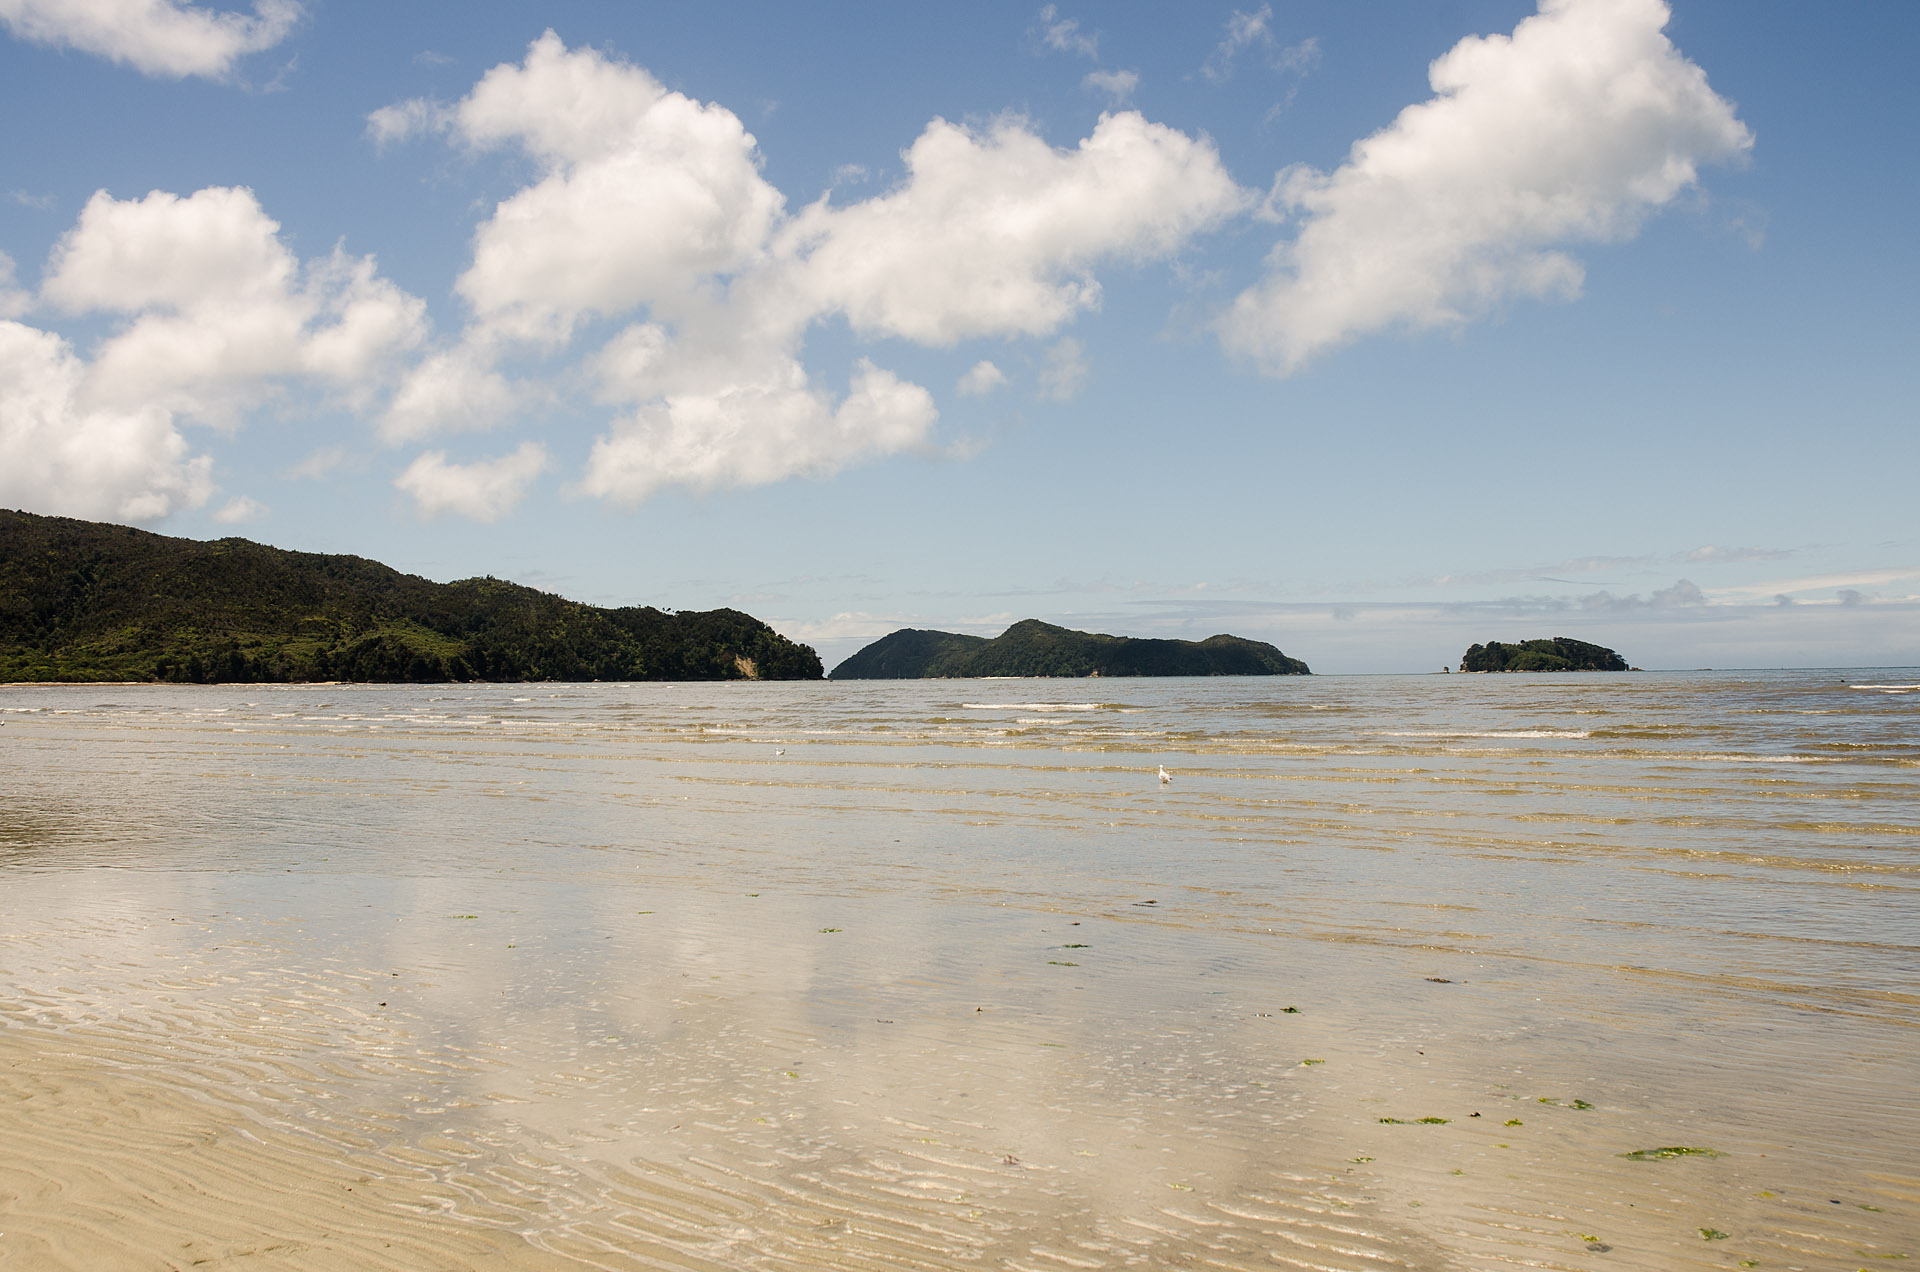 Adele & Fisherman Island